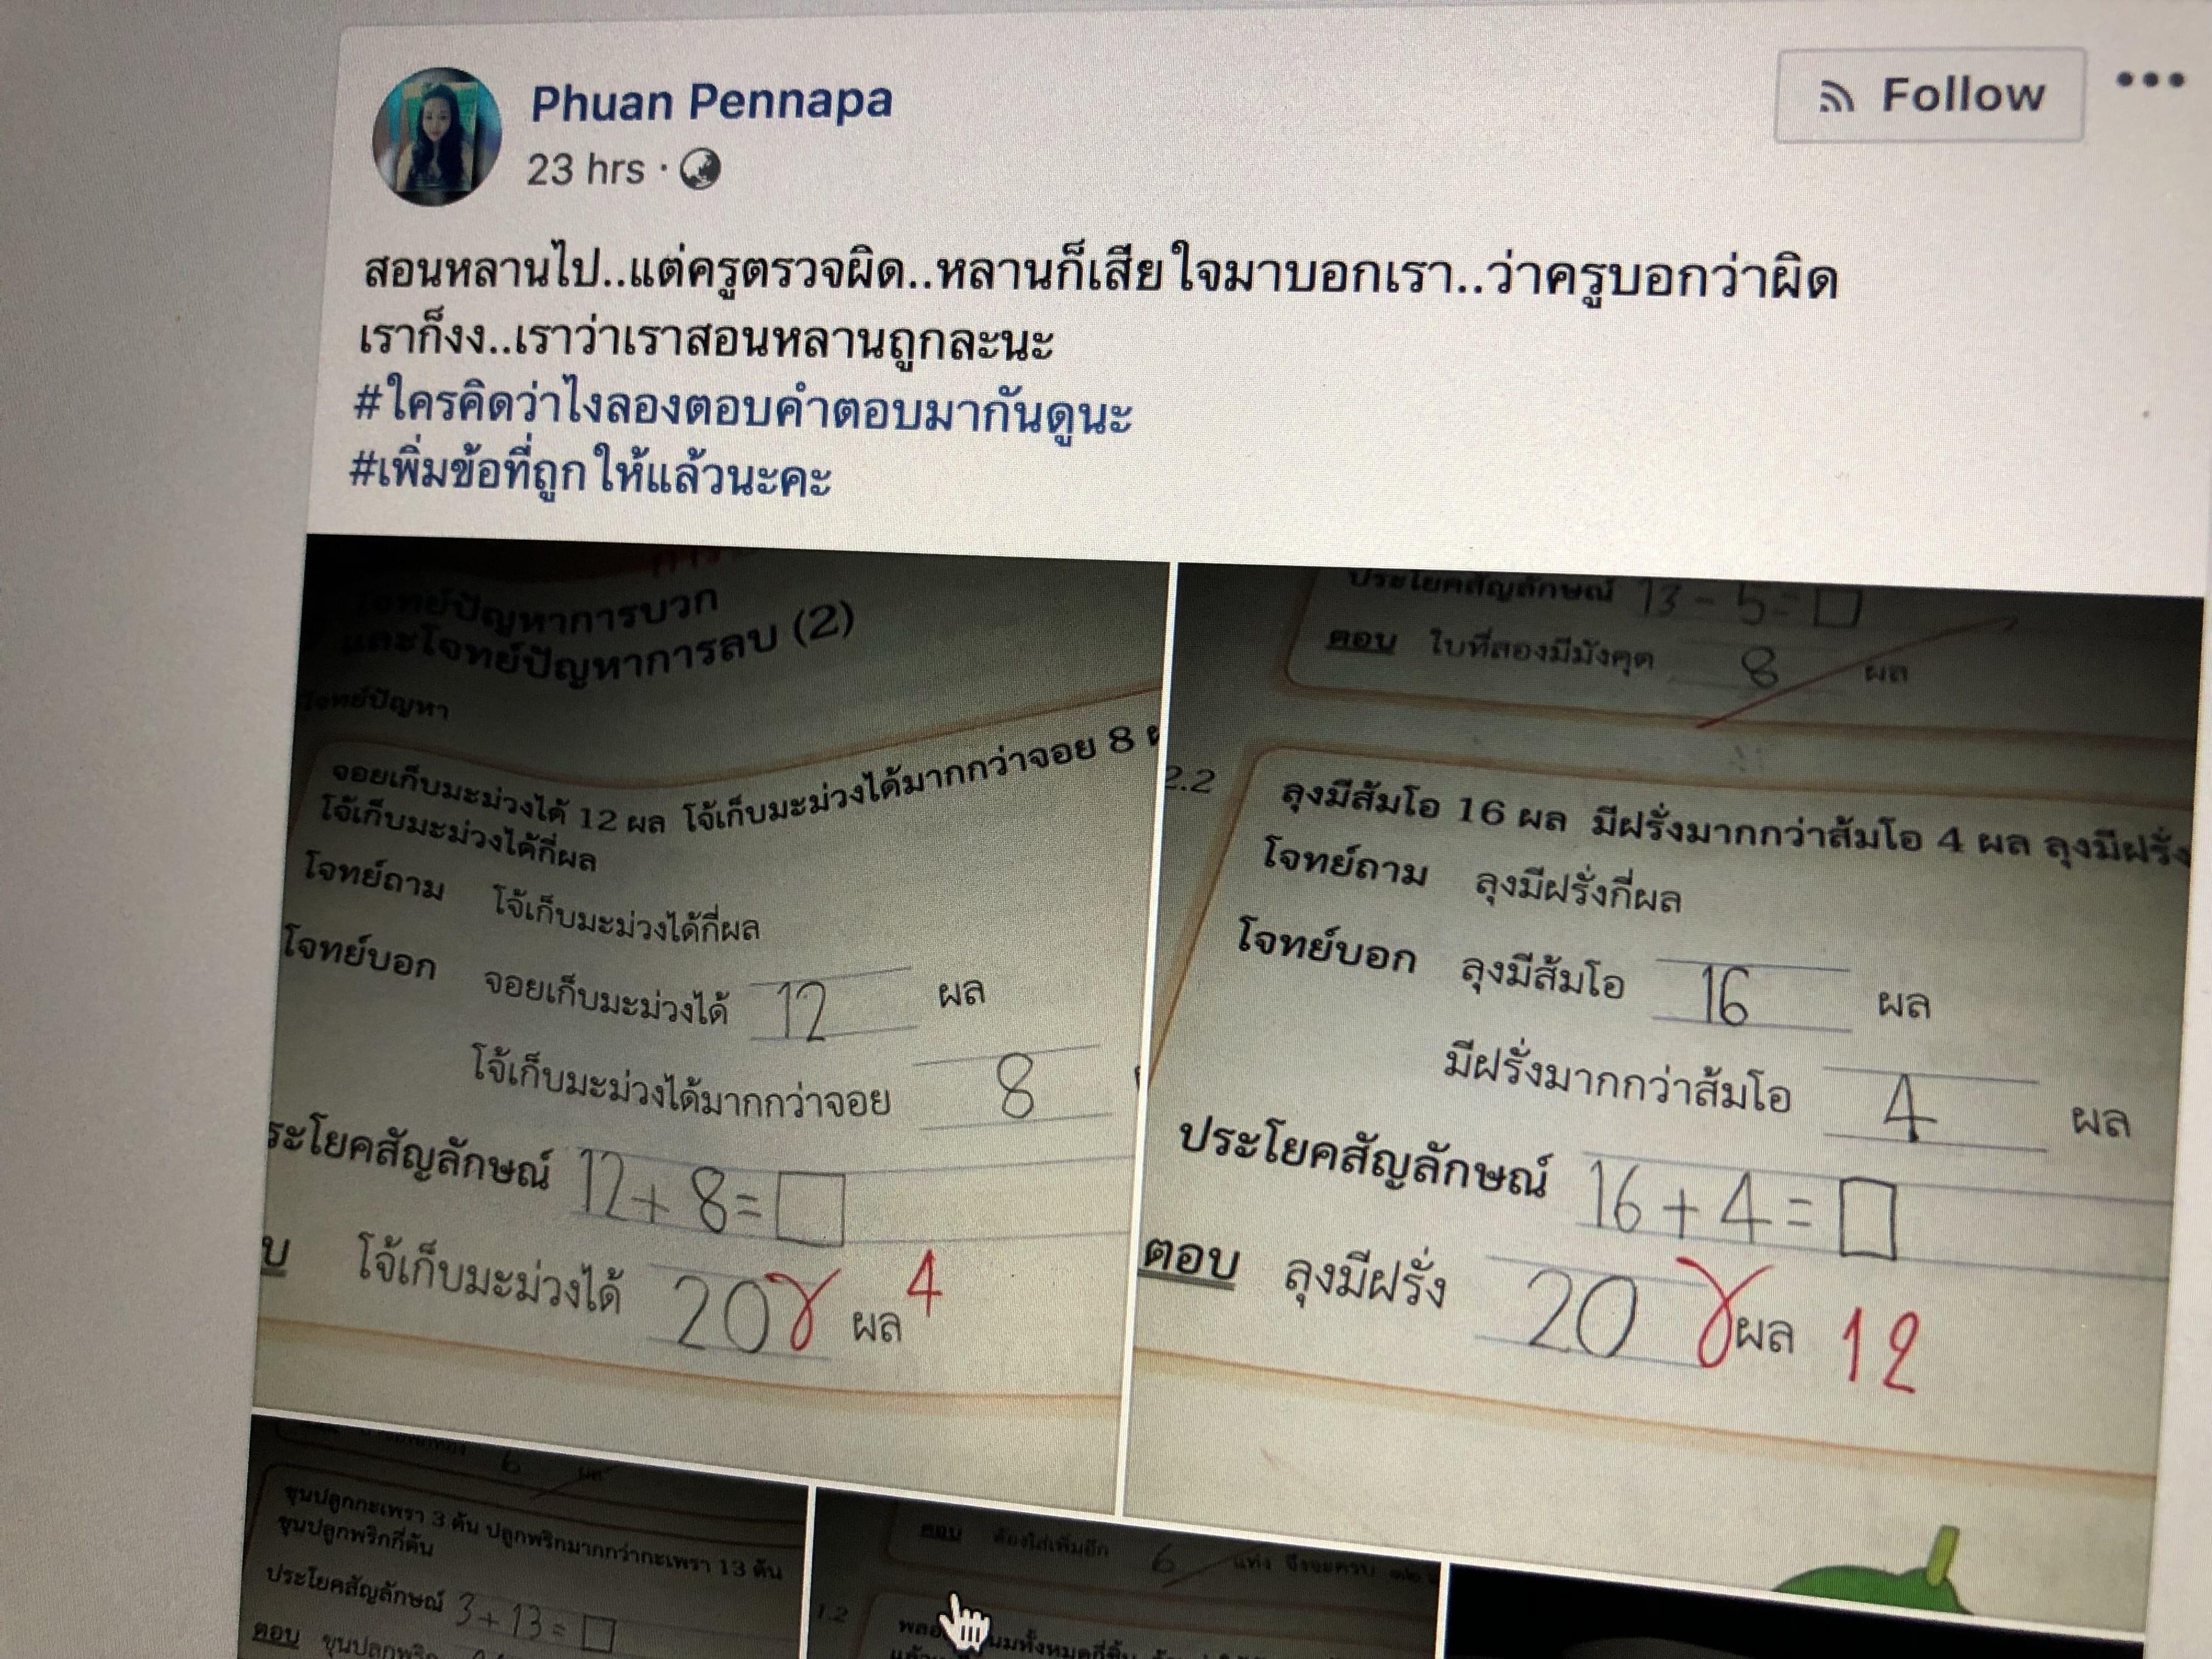 ผู้ใช้งาน Facebook ชื่อ Phuan Pennapa โพสต์เรื่องครูเฉลยการบ้านหลานผิด กลายเป็นดราม่าขนาดใหญ่